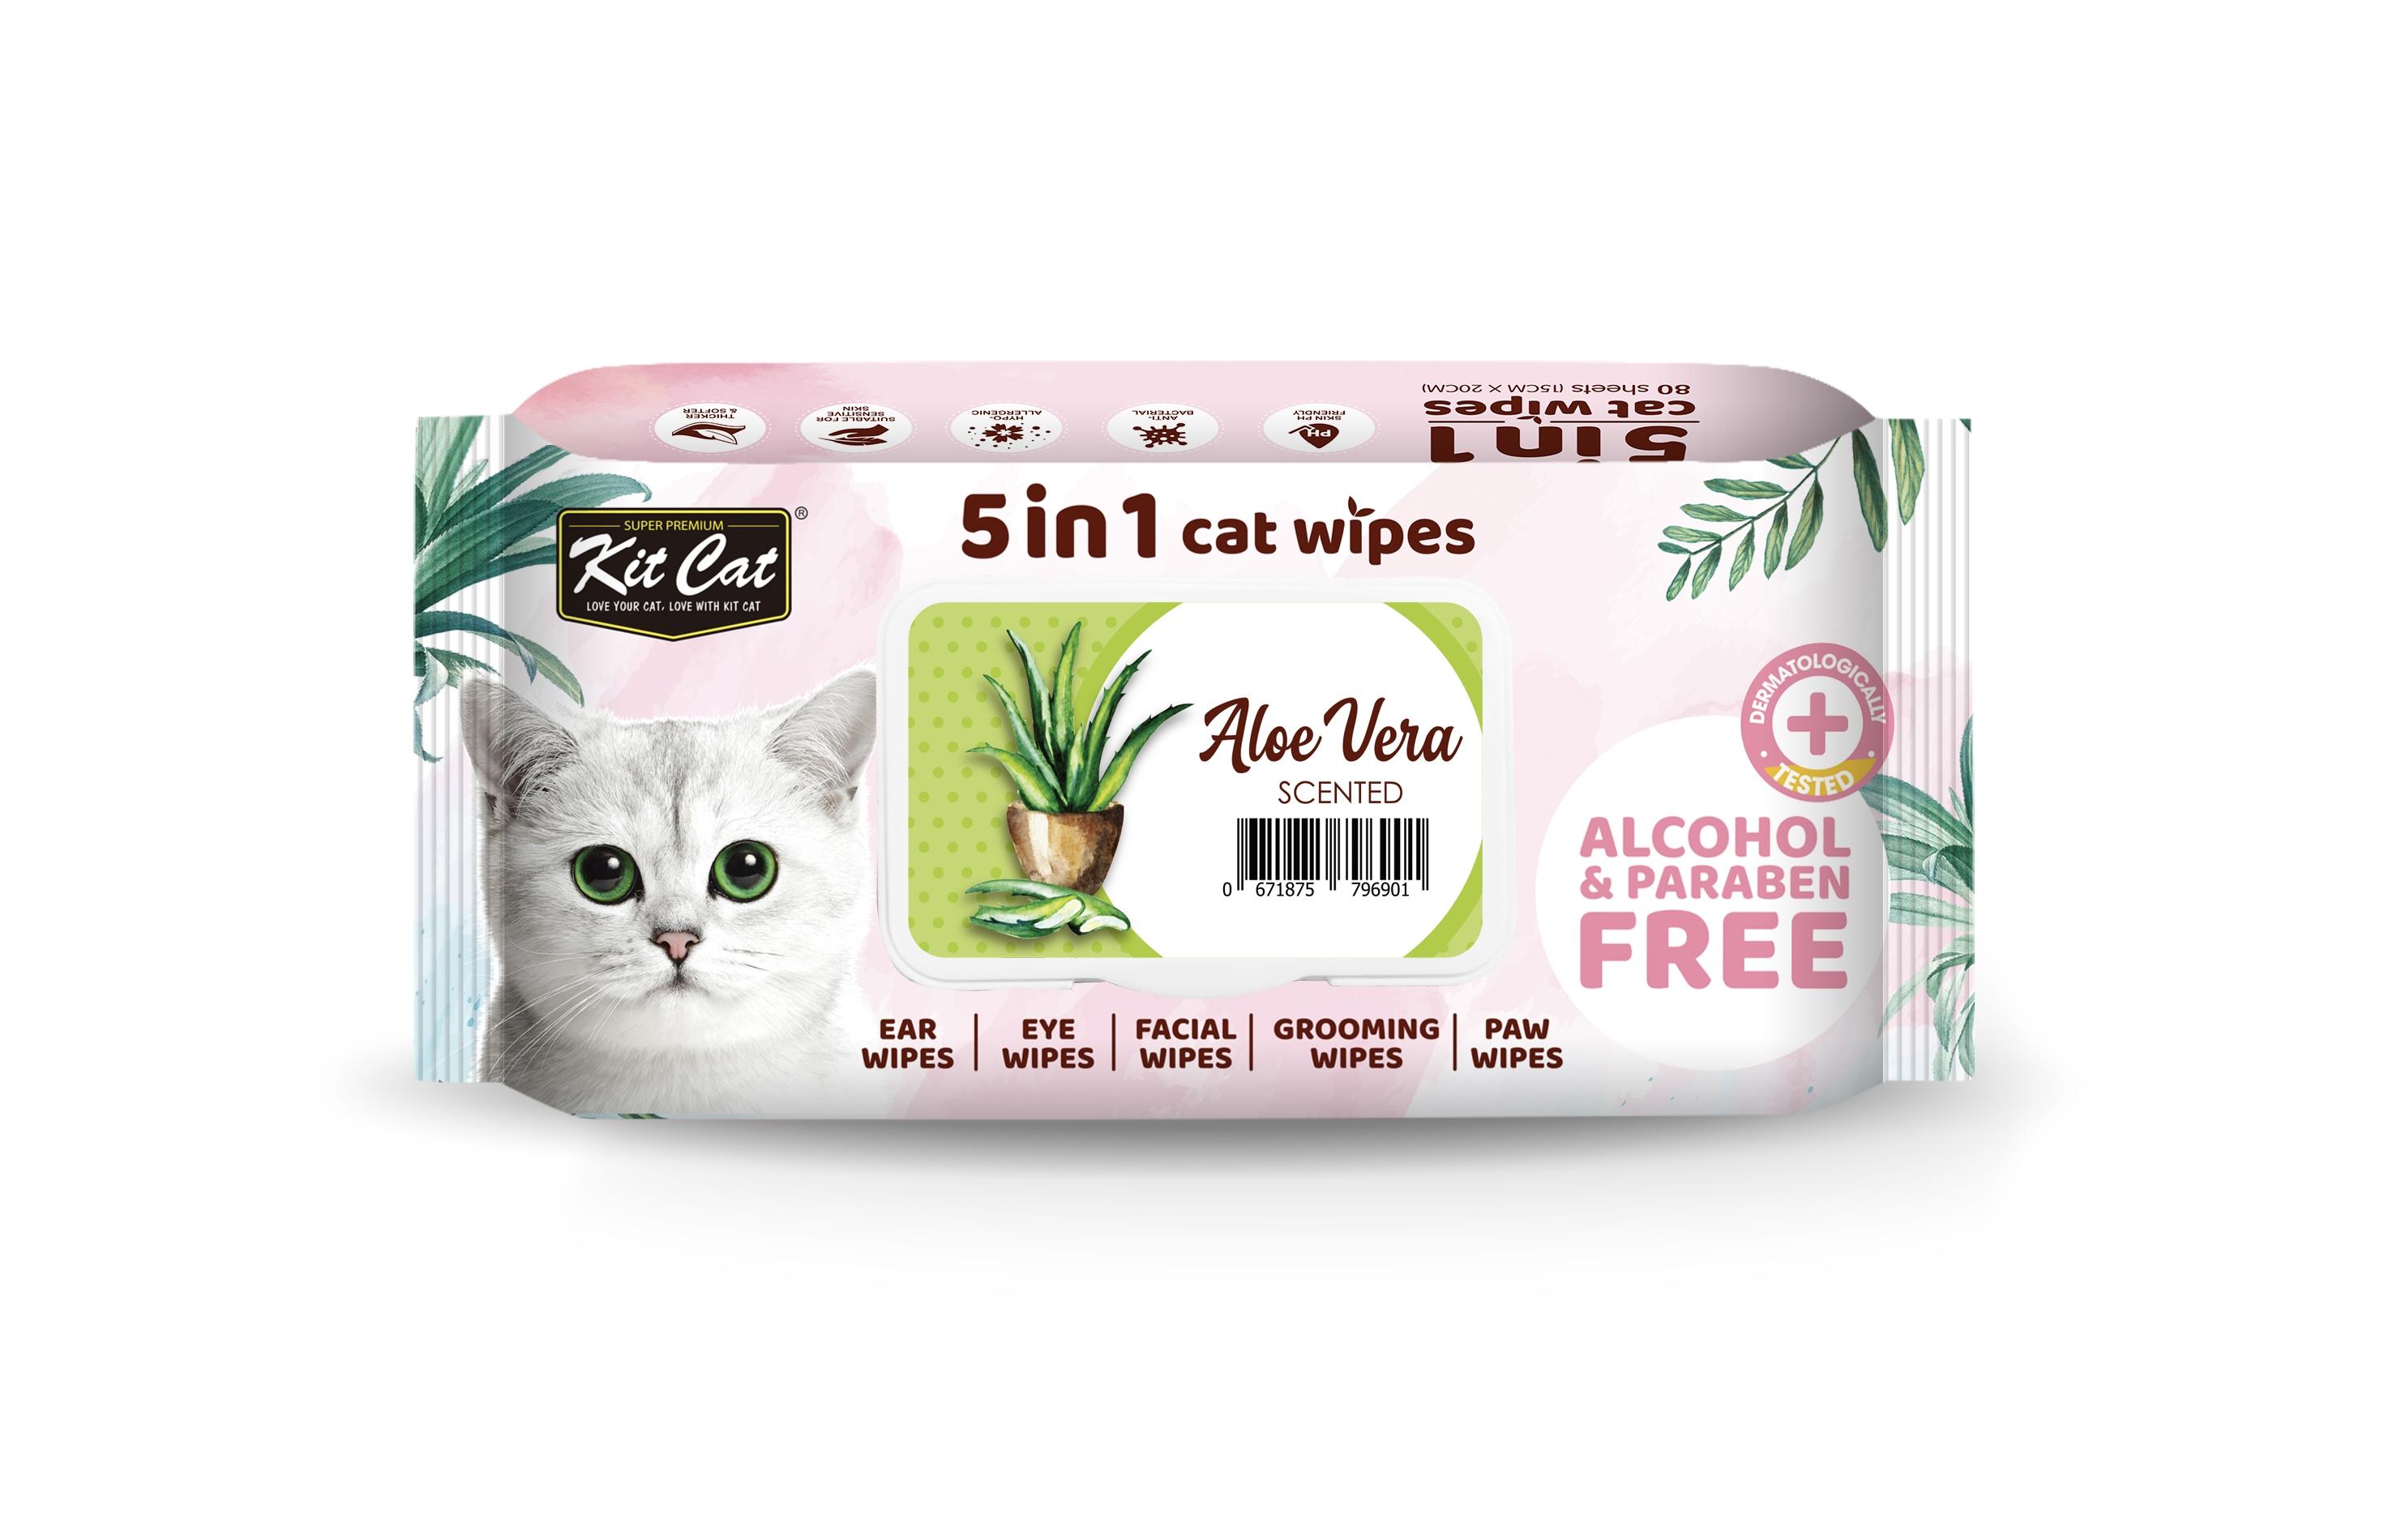 Servetele umede pentru pisici, Kit Cat 5in1 Aloe Vera, 80 buc imagine